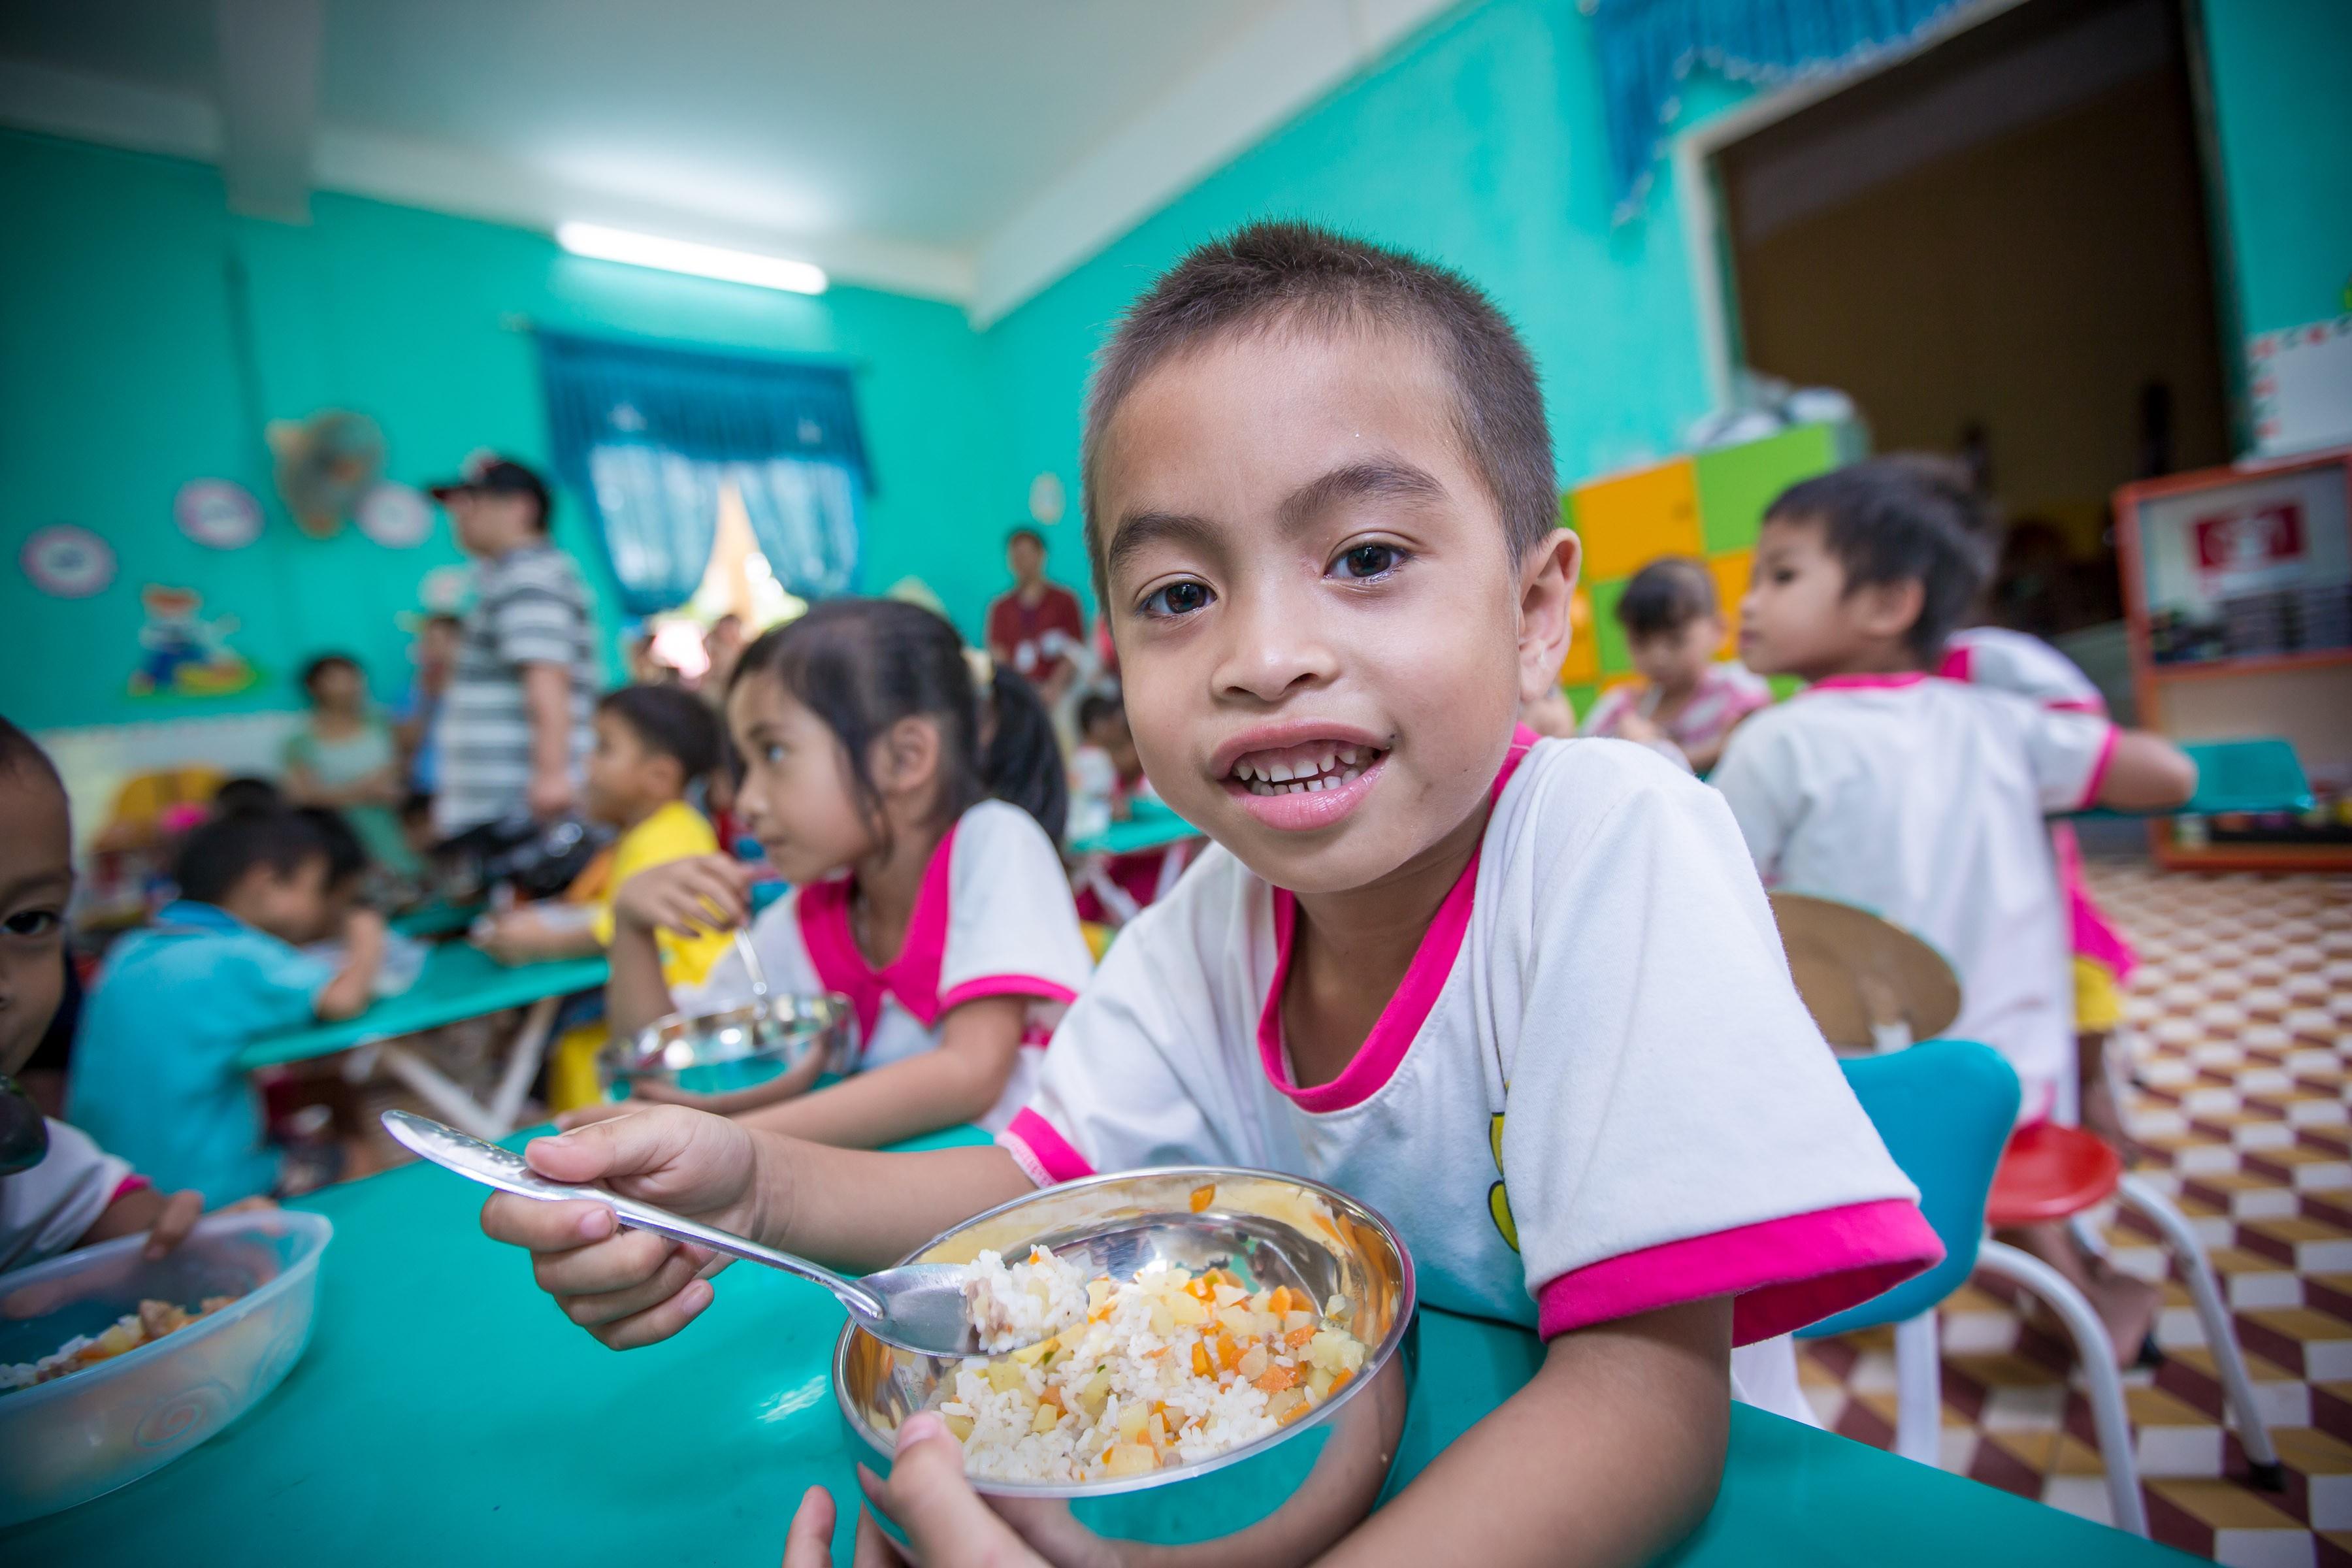 越南達克隆幼兒照顧中心,孩子正在享用營養餐